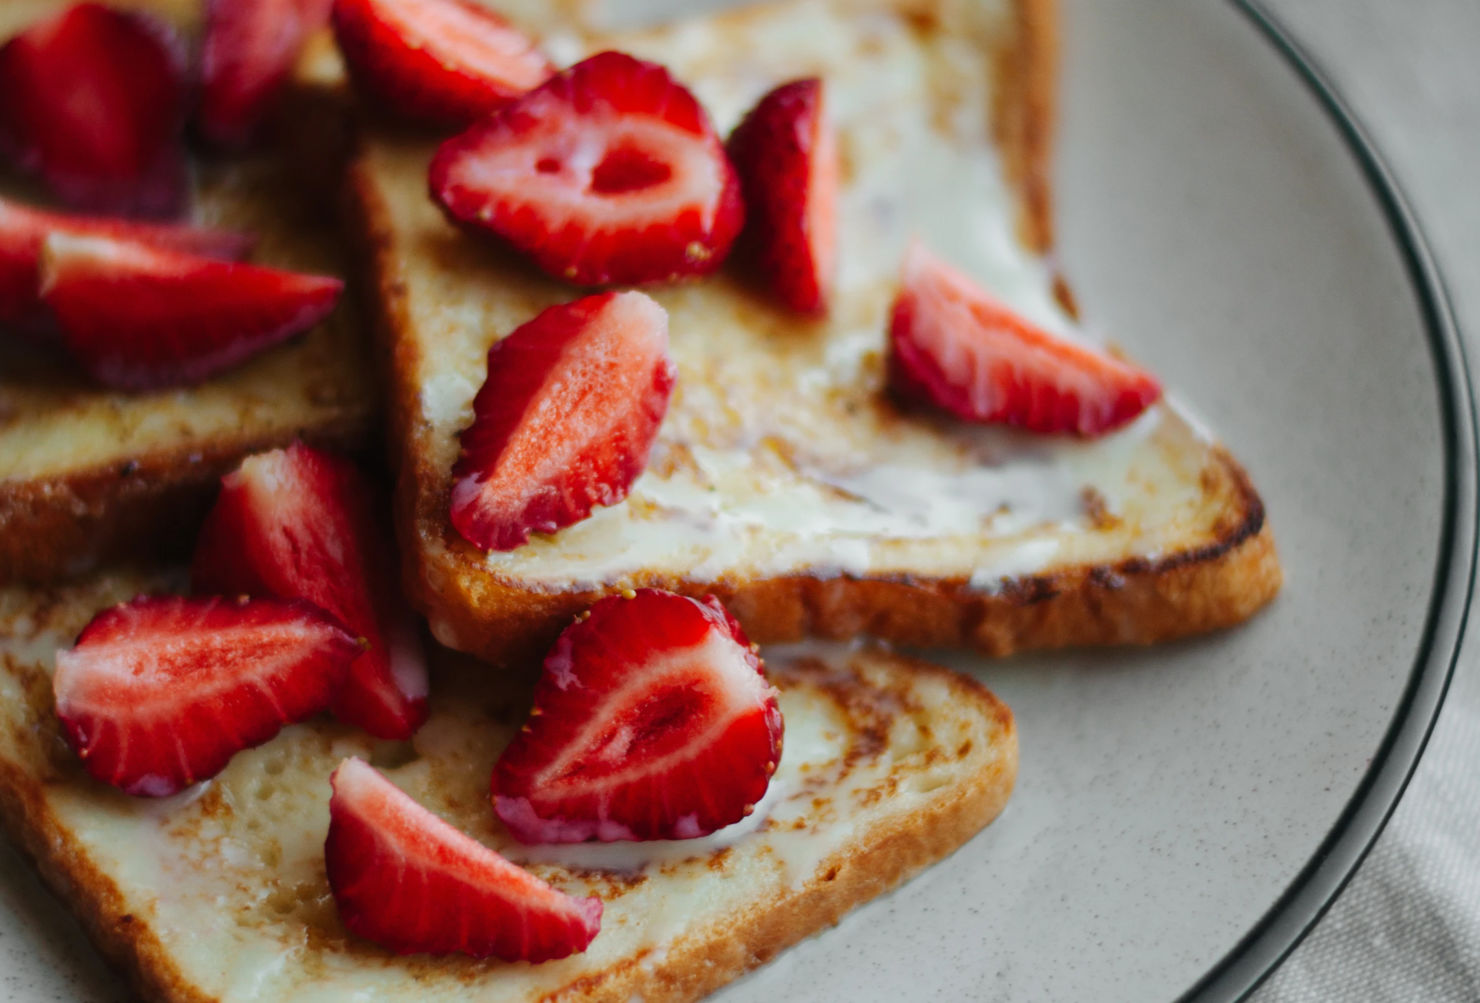 French Toast con colágeno para el desayuno, ¡Tenemos la receta!